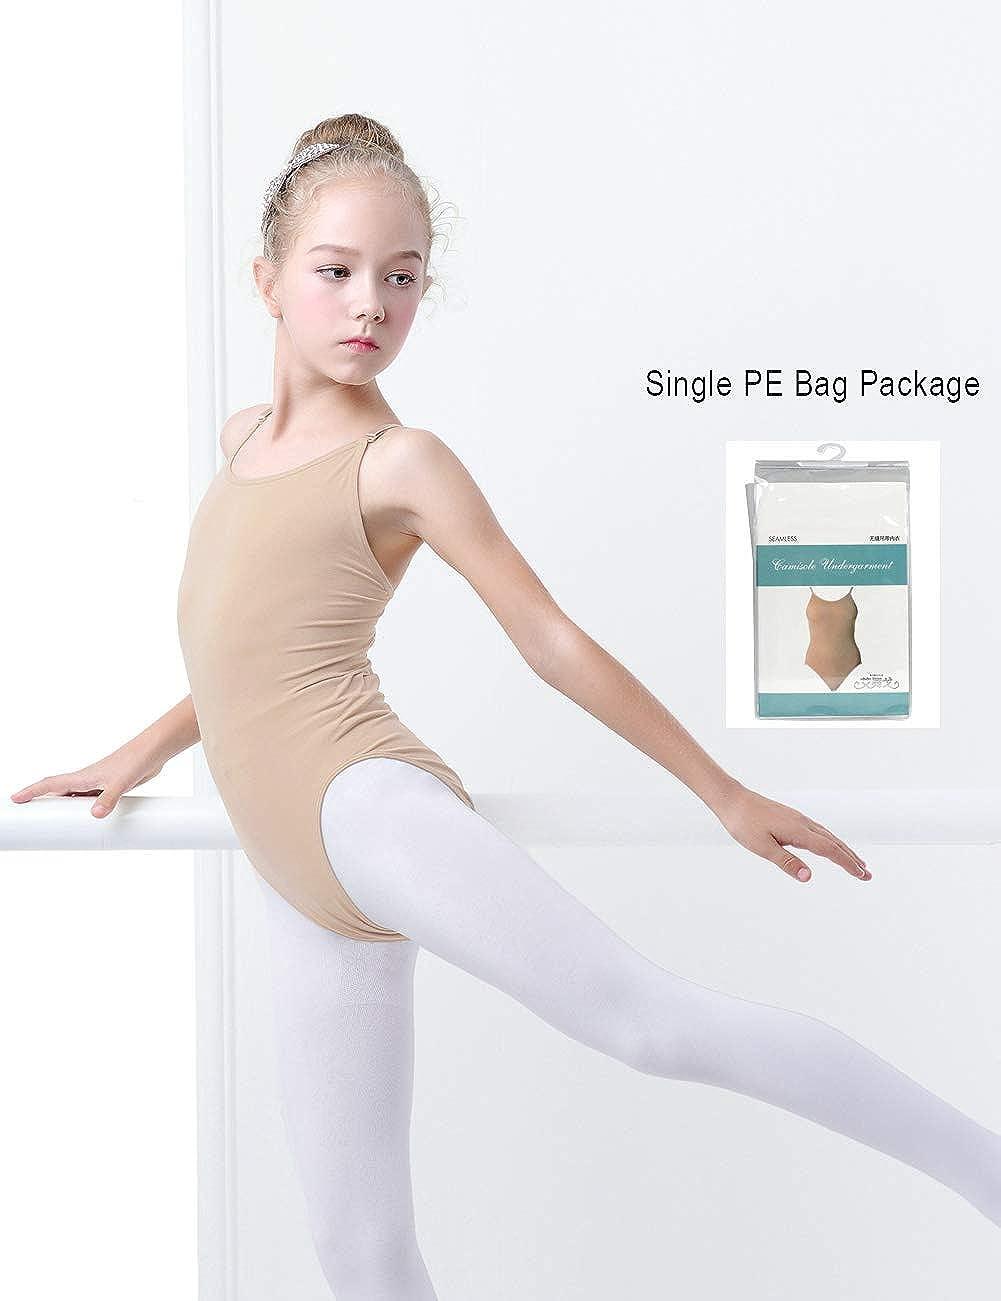 Gymnastics with Adjustable Straps Daydance Tan Leotard Kids Seamless Camisole Dance Leotards for Ballet